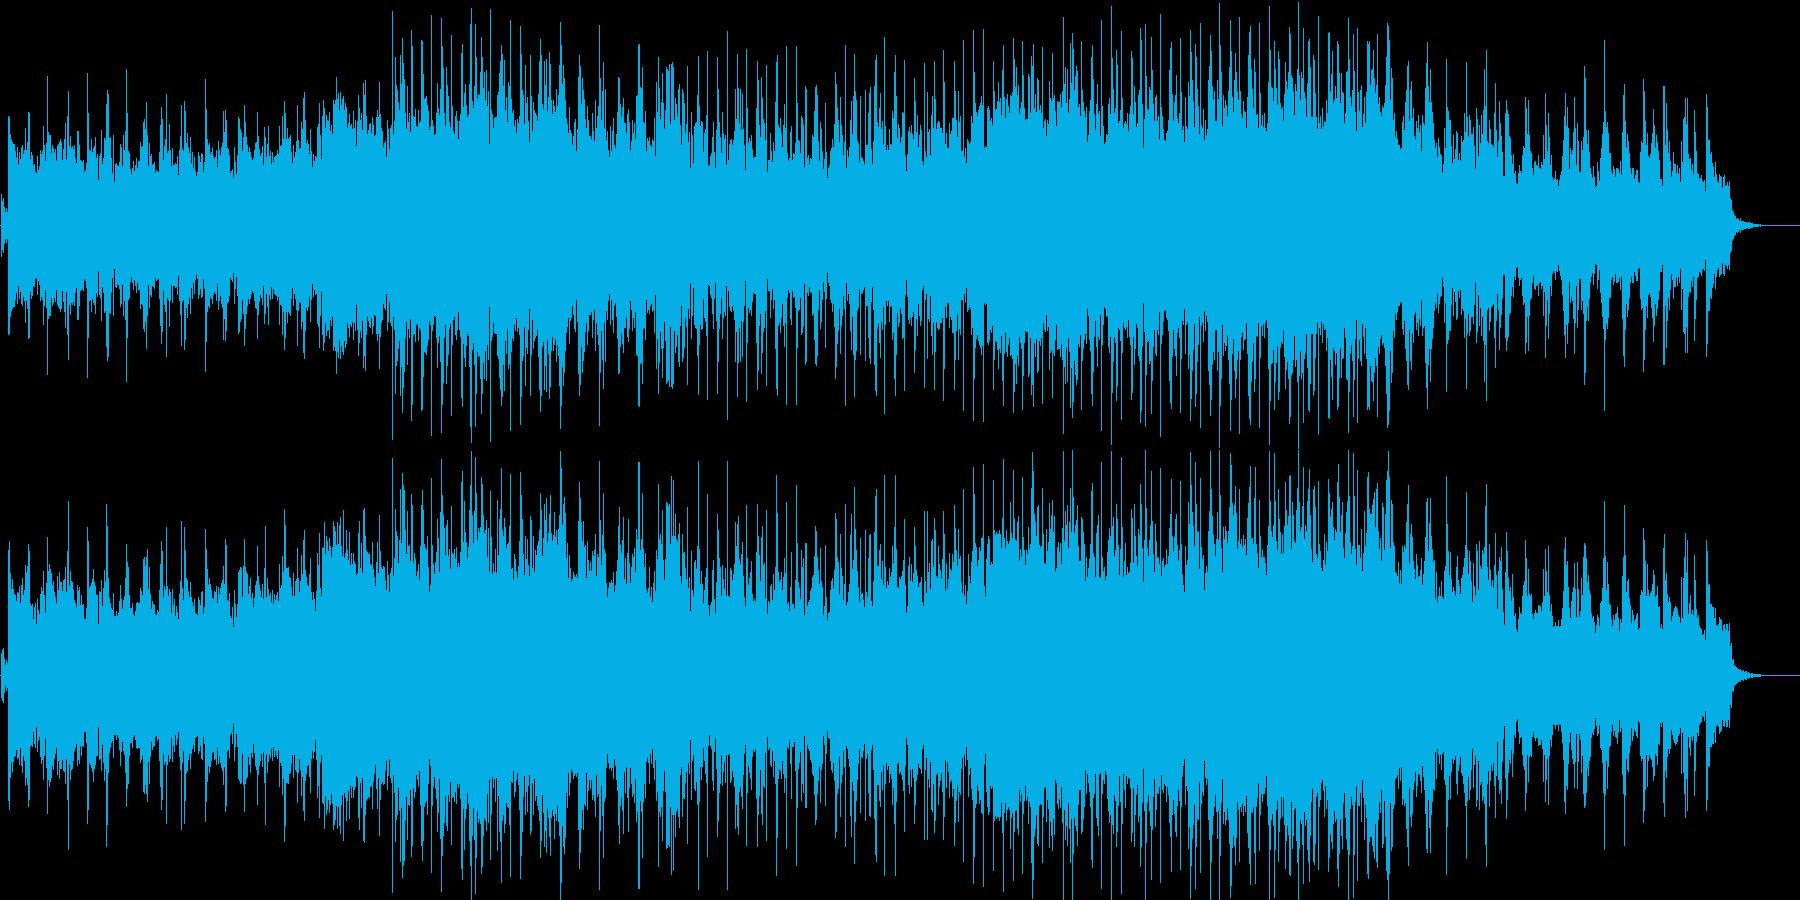 ゆったり しっとり  さびしい 幻想の再生済みの波形